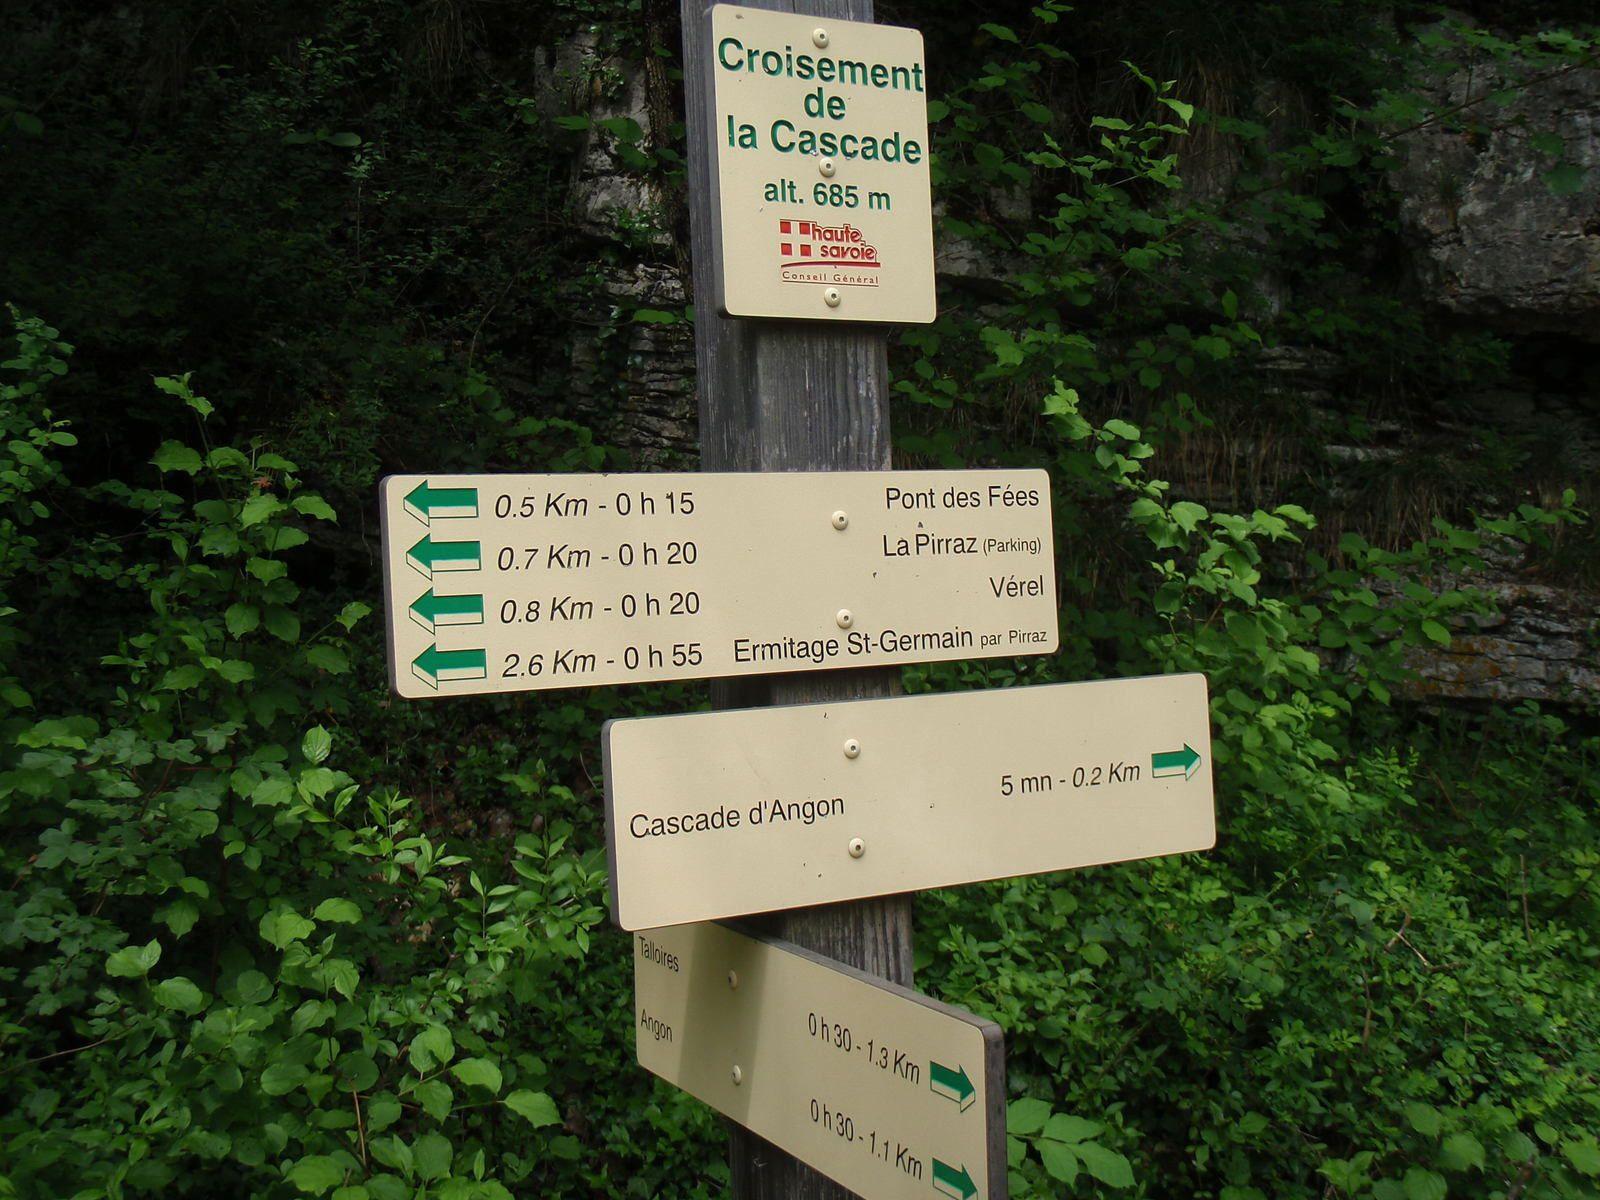 Cascade d'Angon: Boucle Verel>>>Rovagny